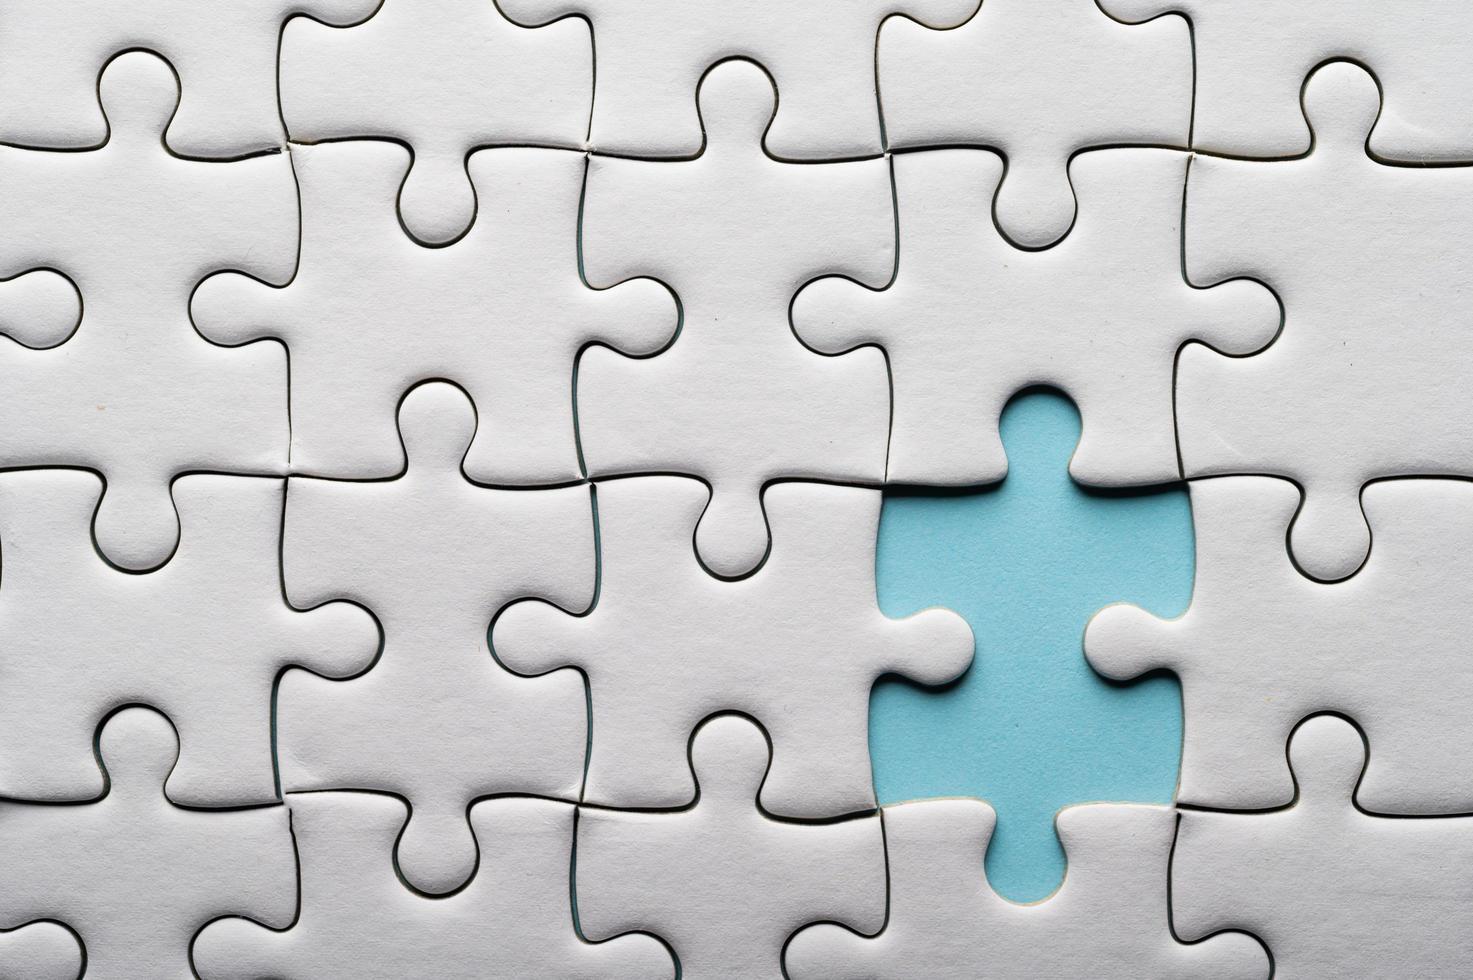 puzzel met een ontbrekend stuk foto